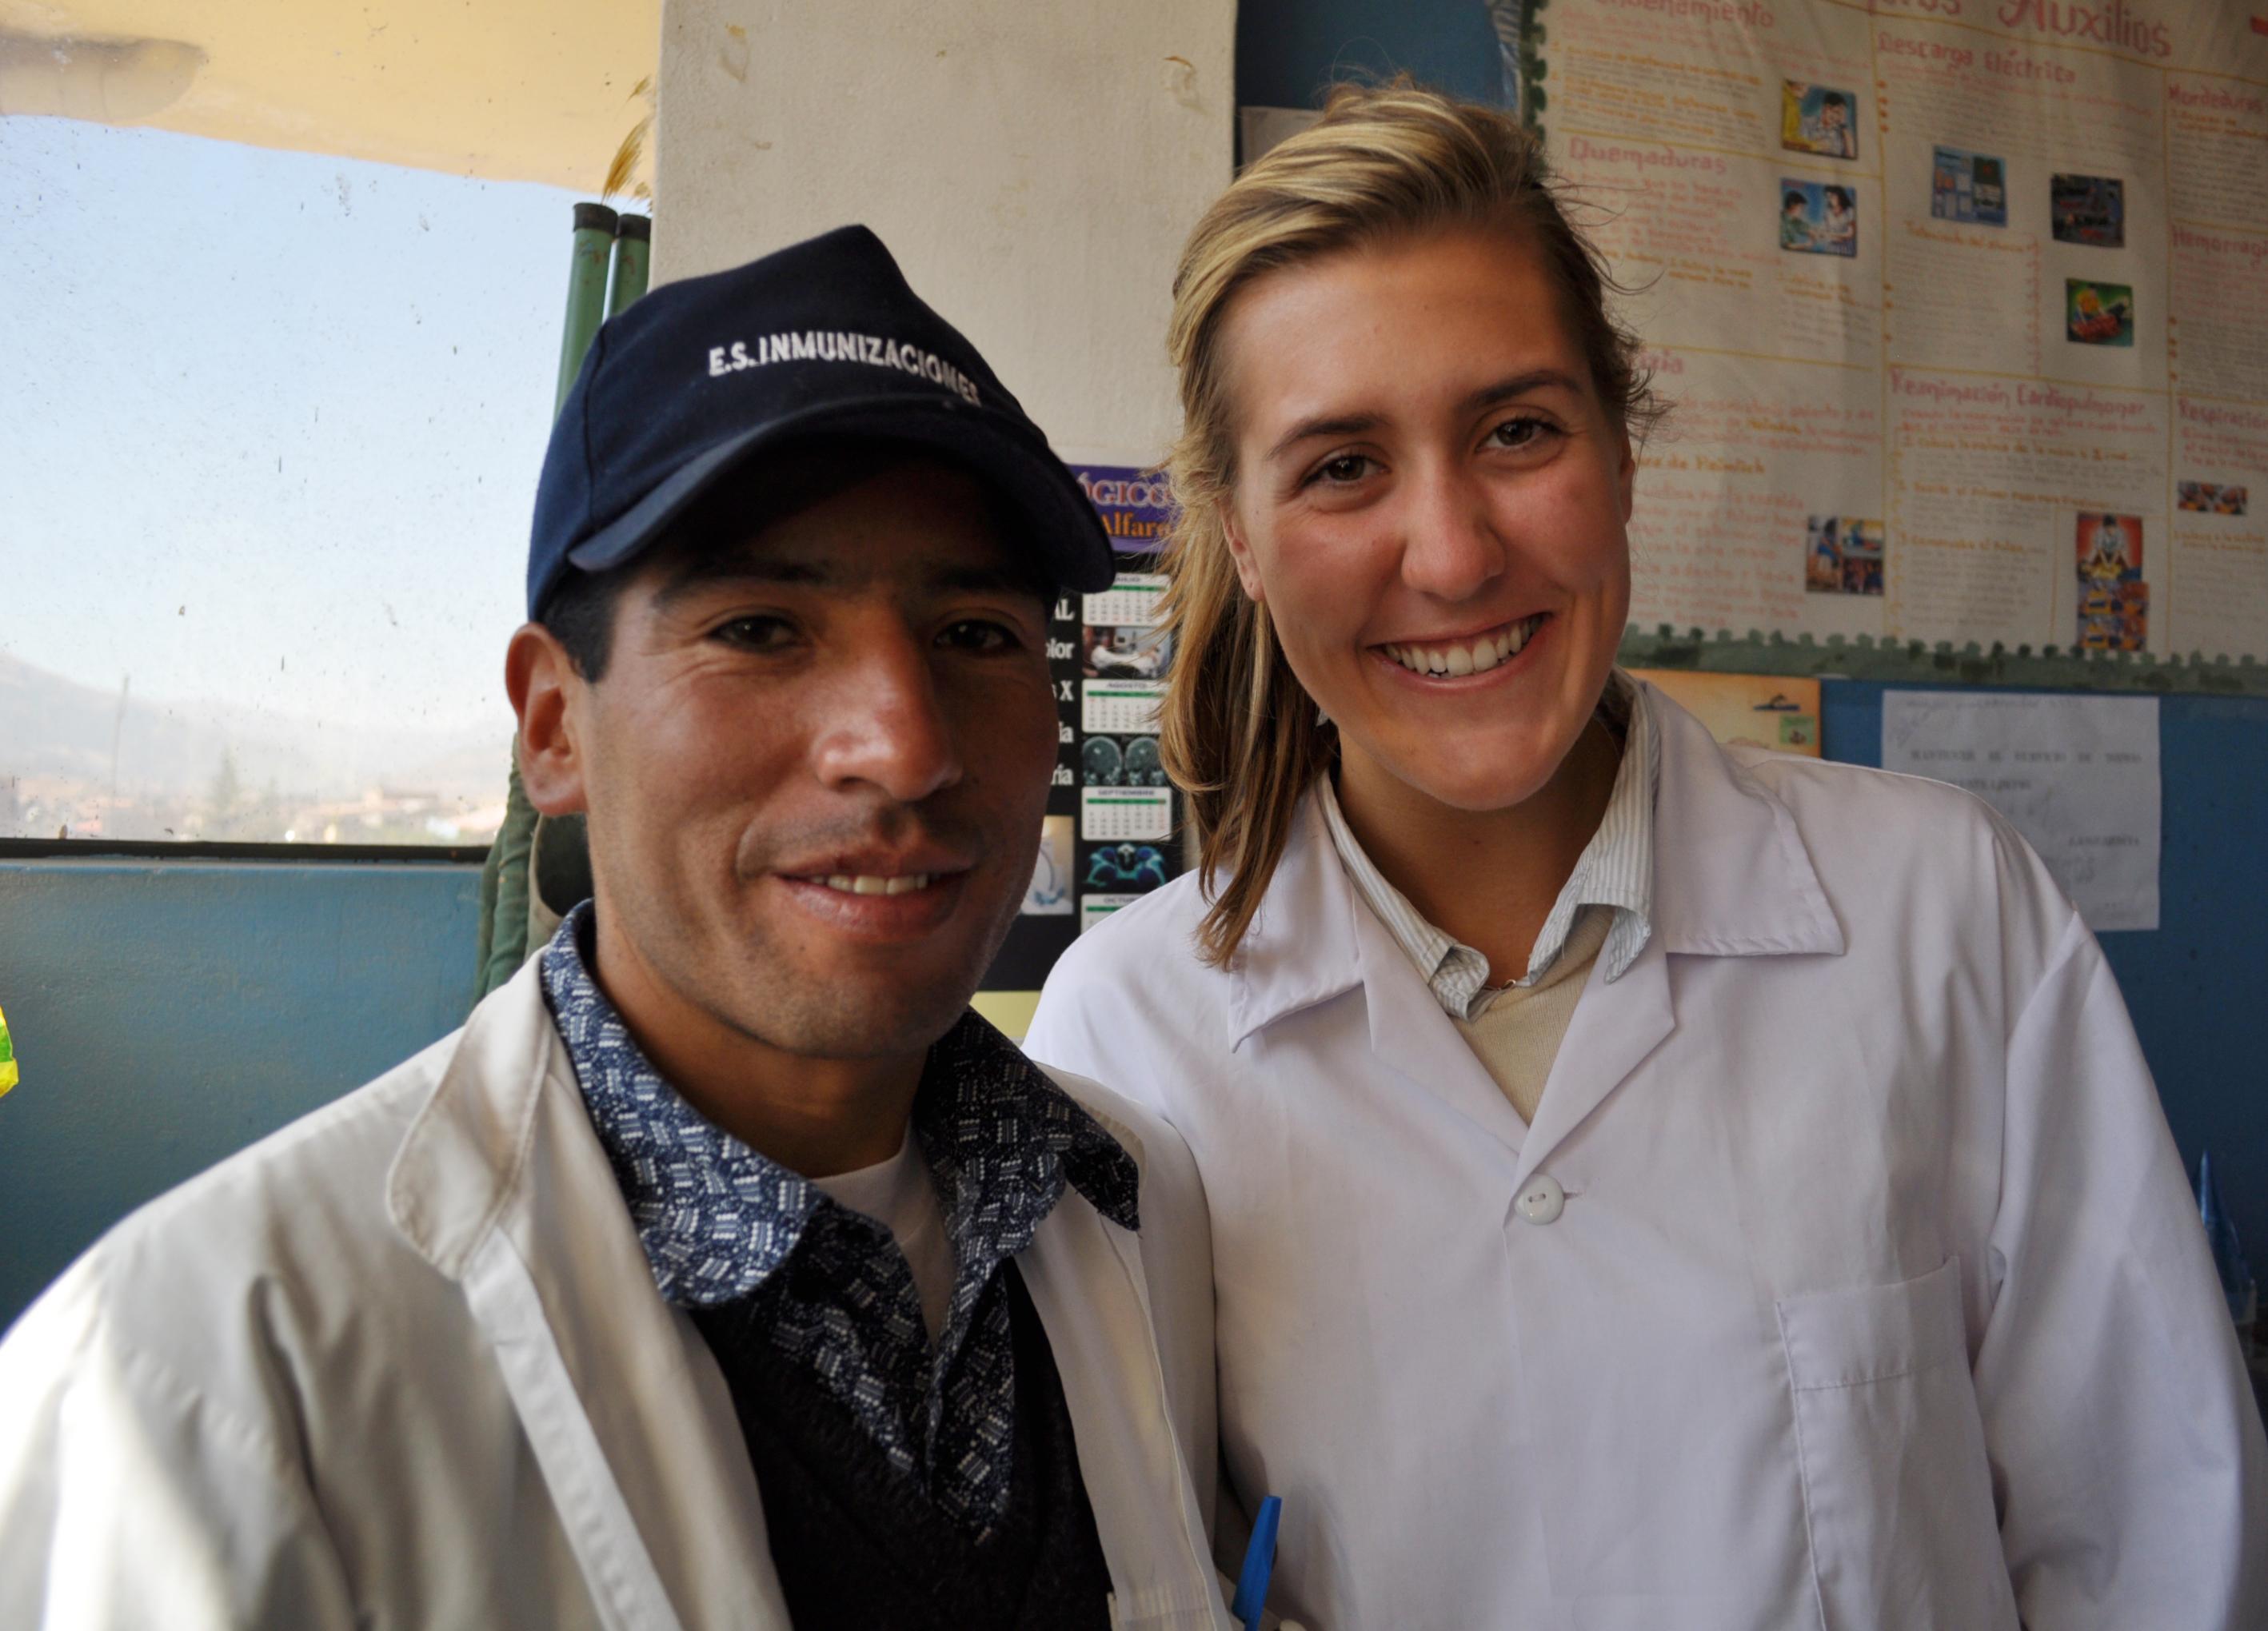 Interna de enfermería posando junto a un doctor en Perú.